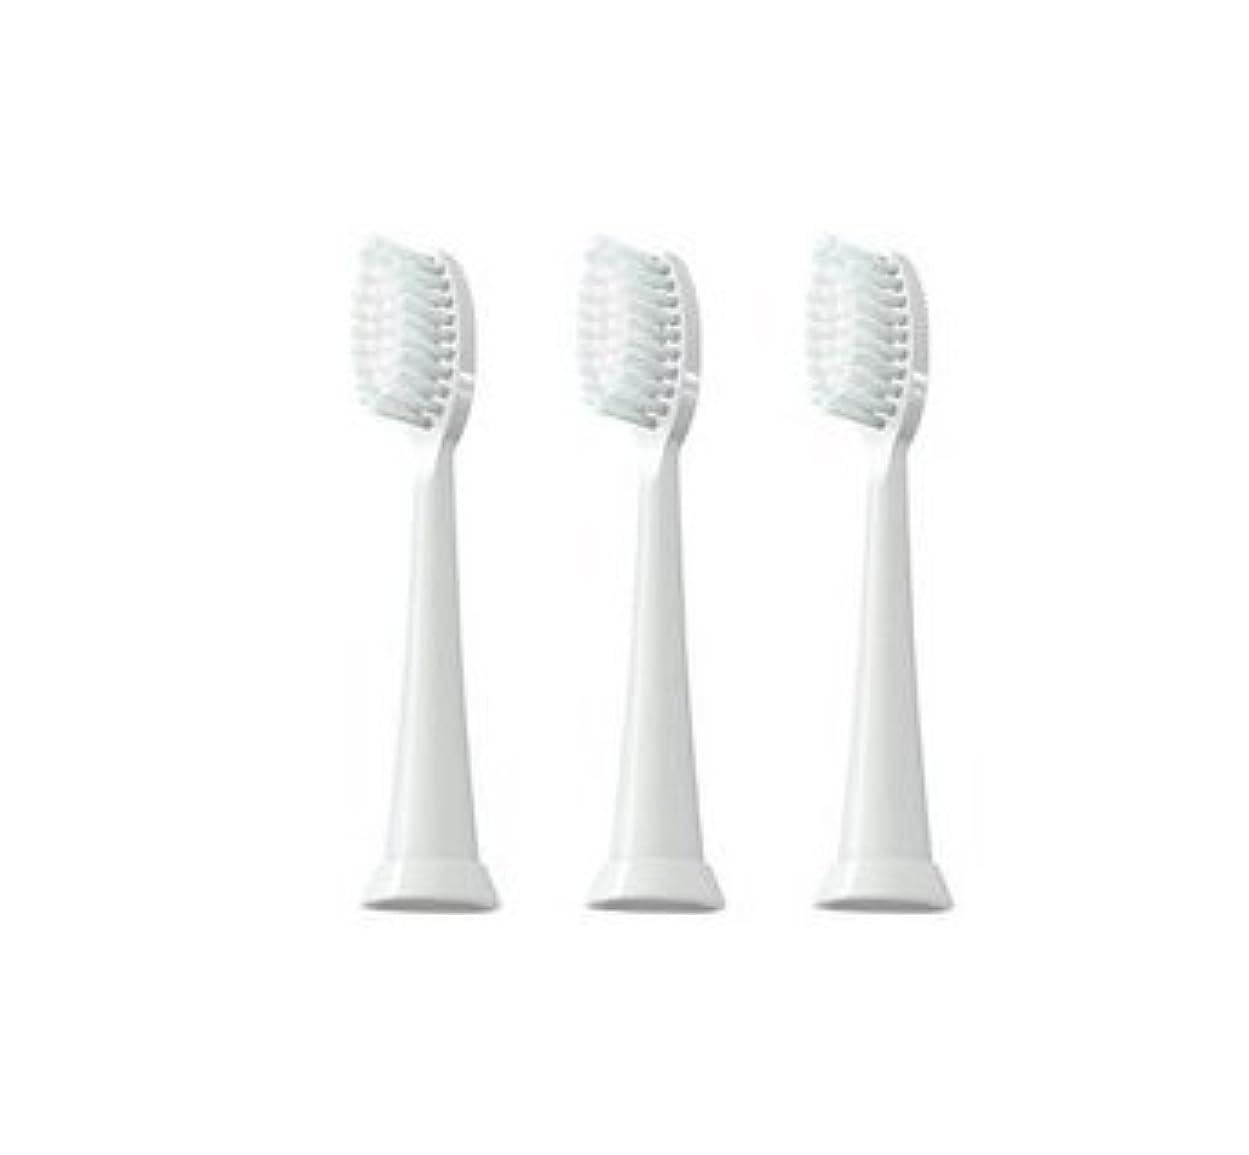 予約極めて石油TAO Clean 電動歯ブラシ用【替えブラシ 3本セット】(ホワイト)通常はメール便にて発送します。